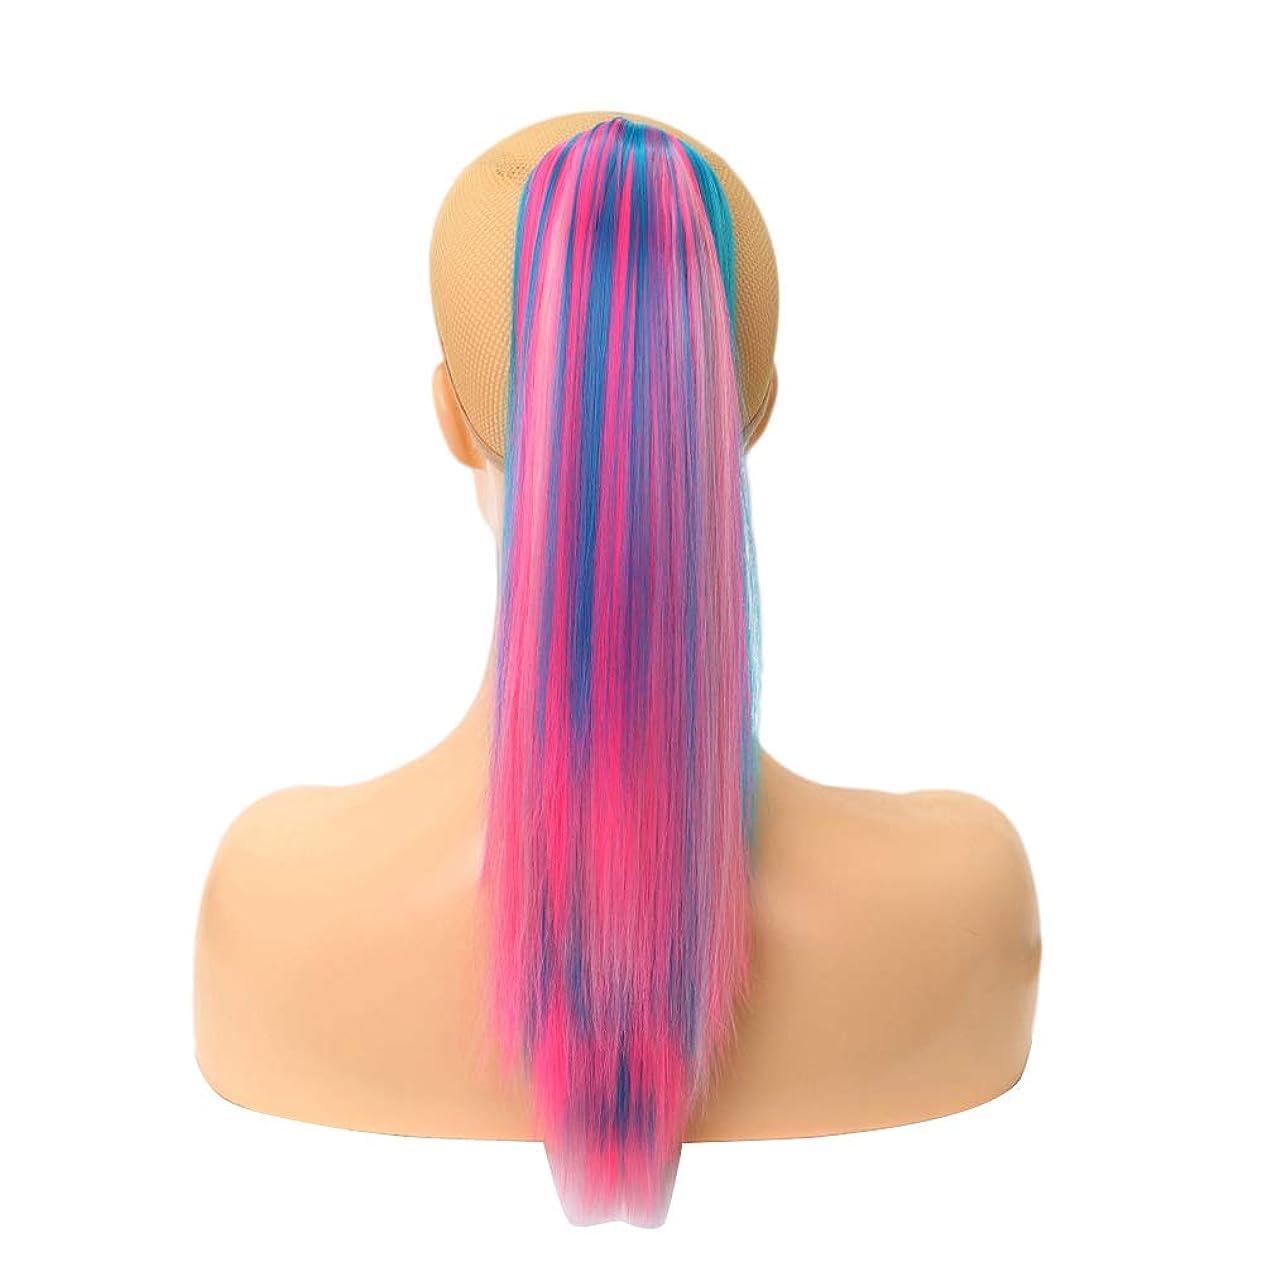 アンケート血色の良いラメLurroseロングストレートガール爪ポニーテールクリップヘアエクステンショングラデーションウィッグヘアジョークリップヘアピース女性